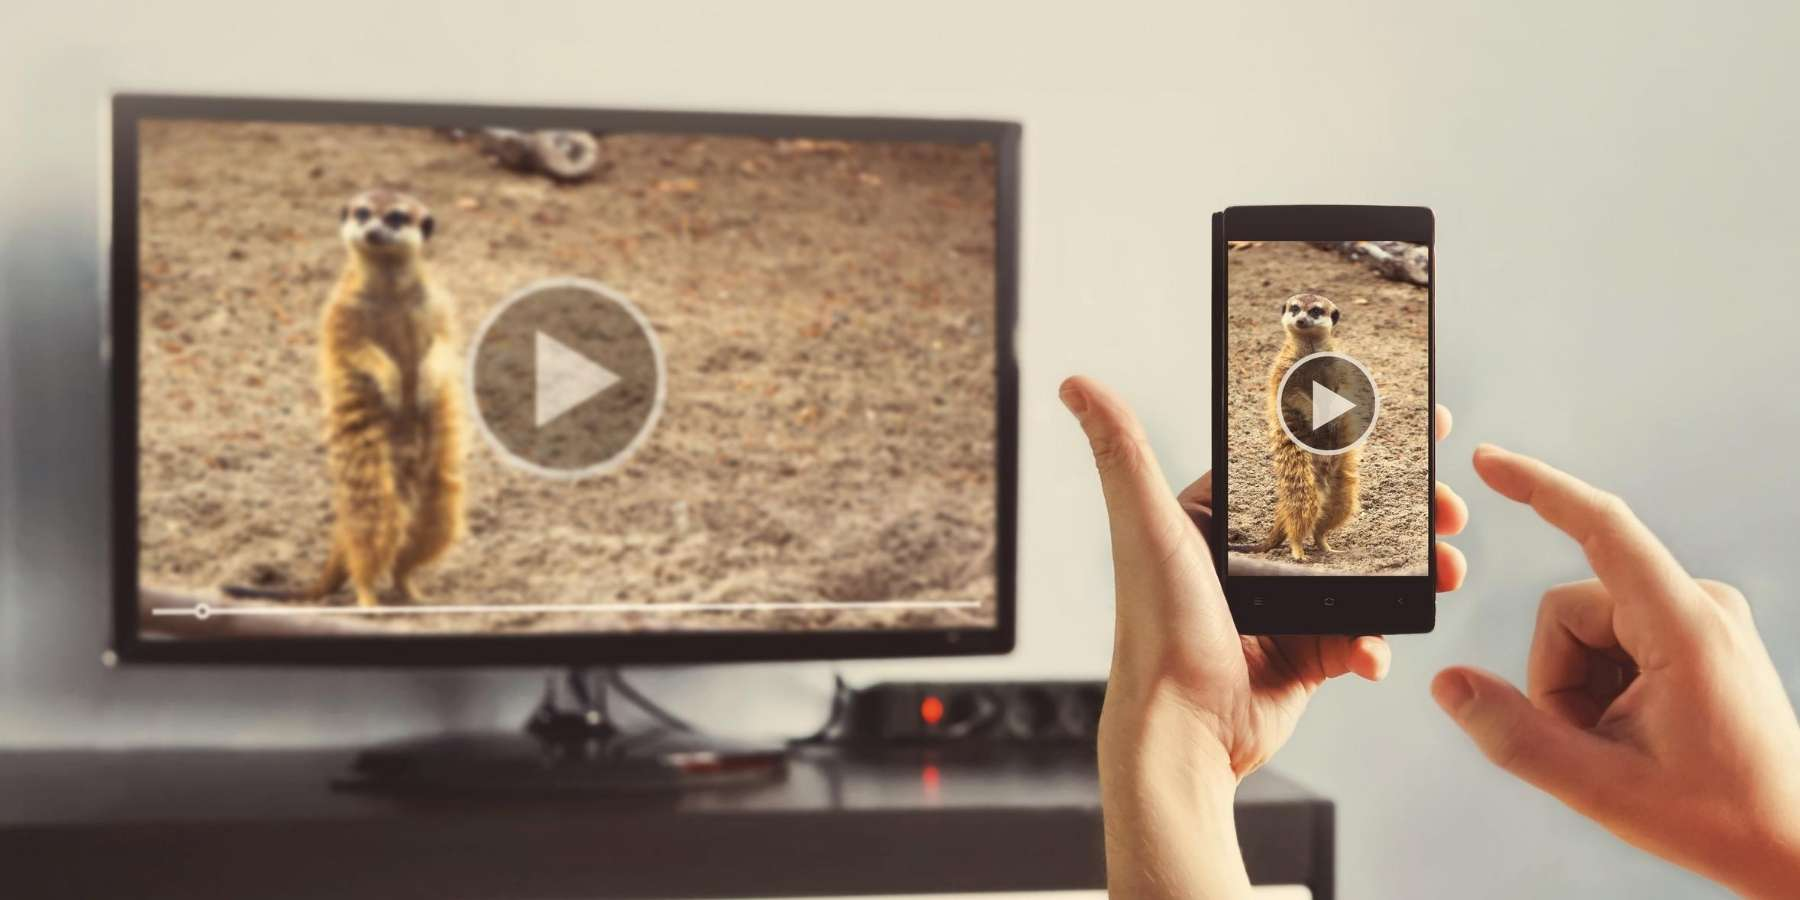 3 Jednoduché metódy prenášania systému Android do televízora (bez zariadenia Chromecast) 1